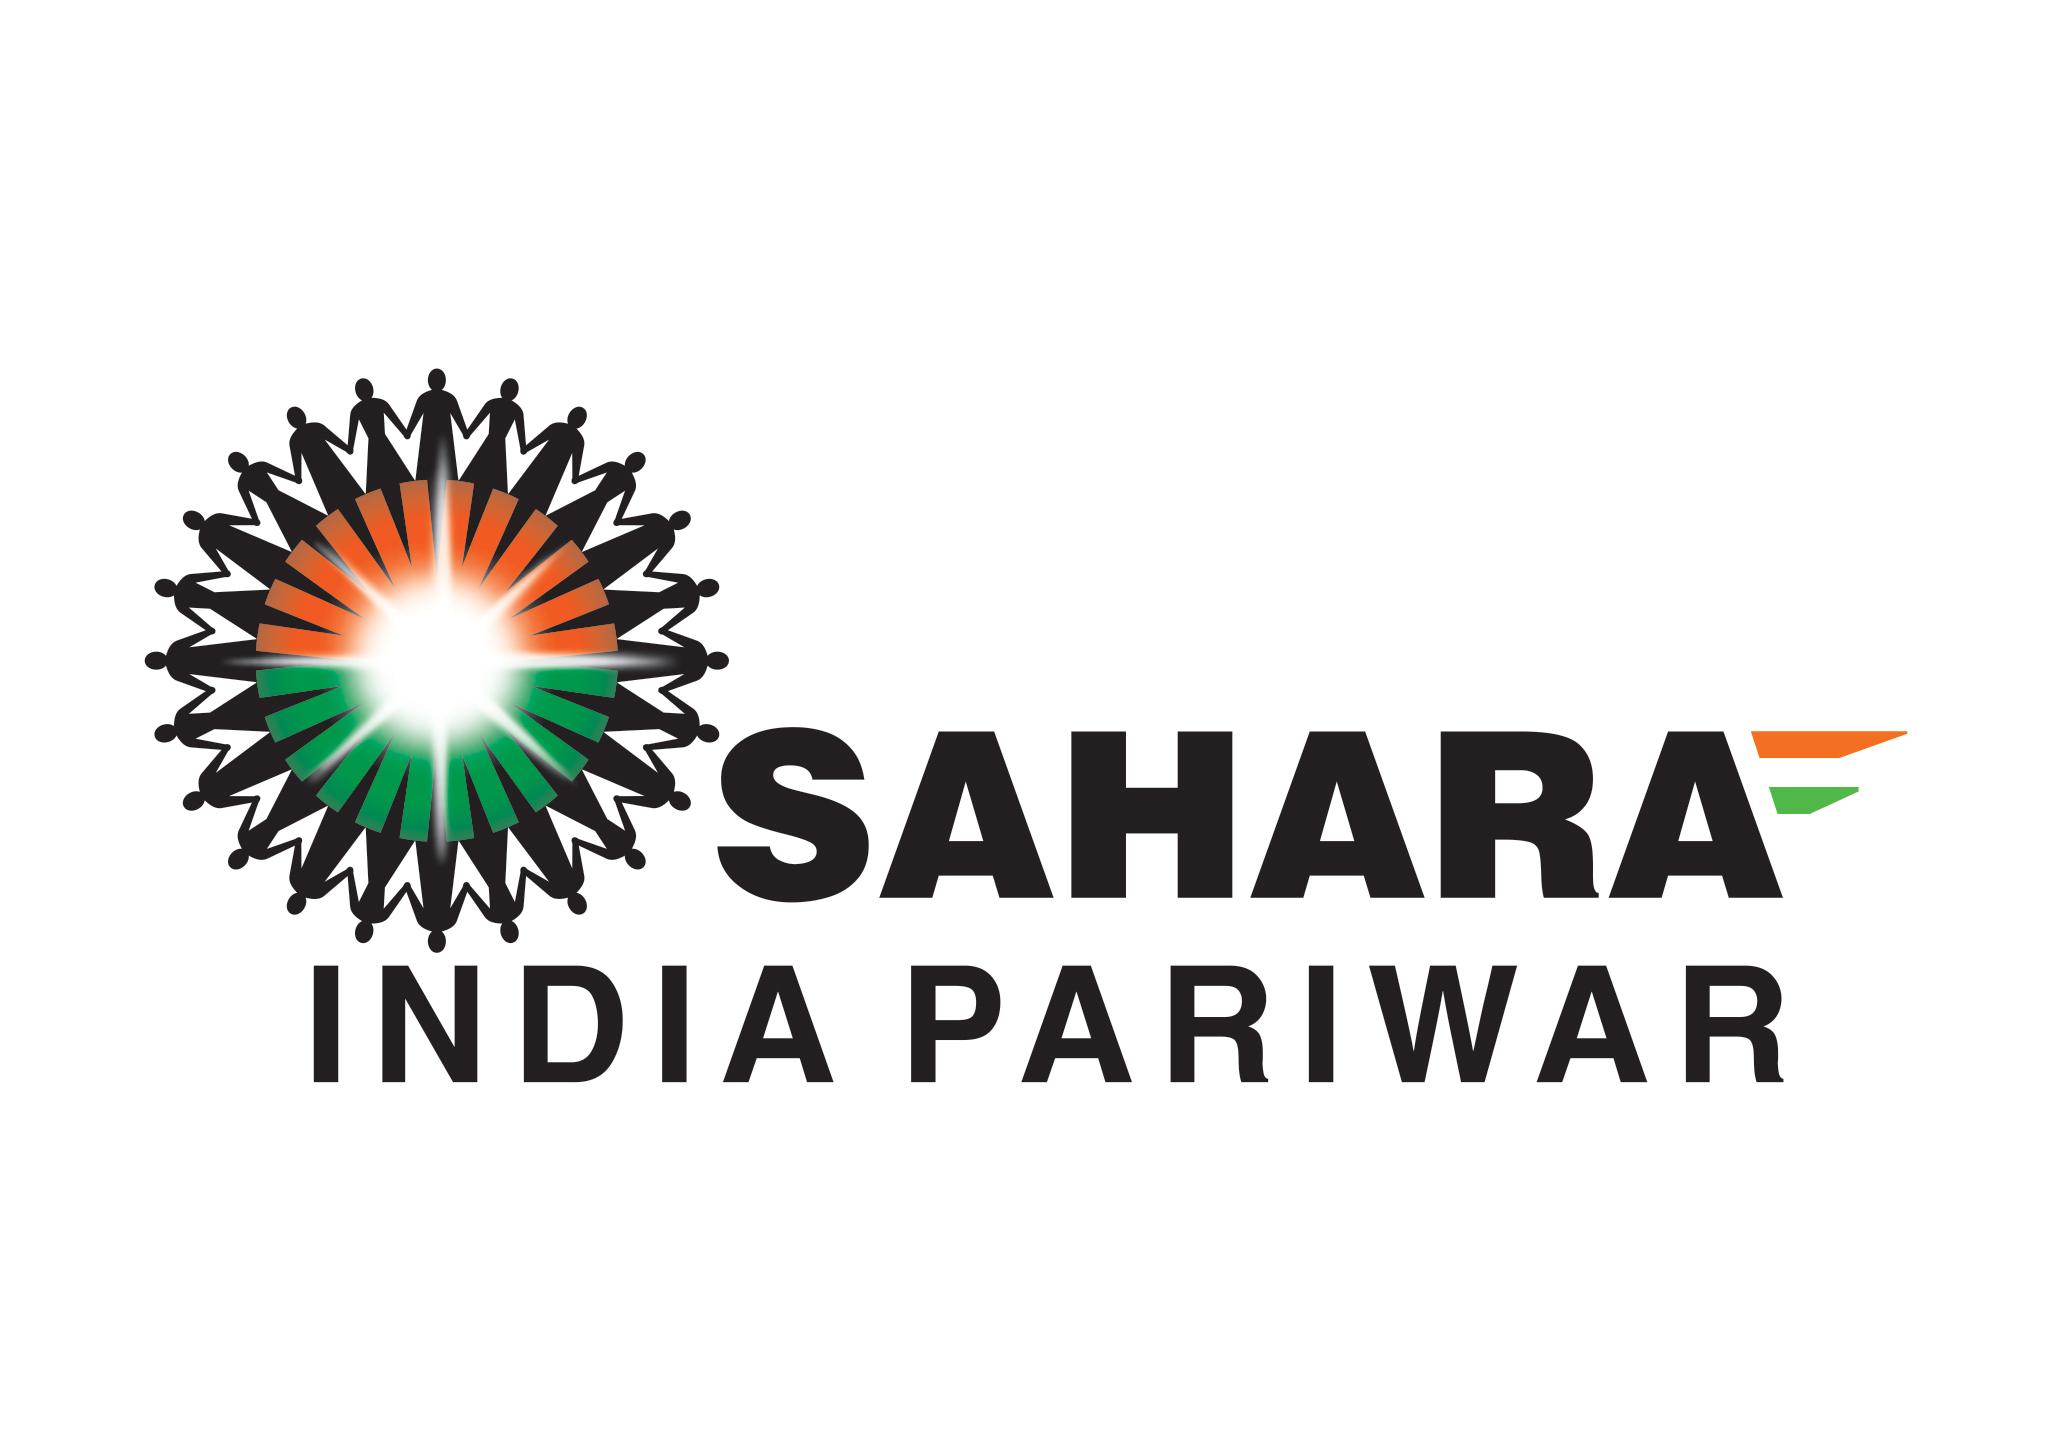 Sahara India Pariwar - Wikipedia